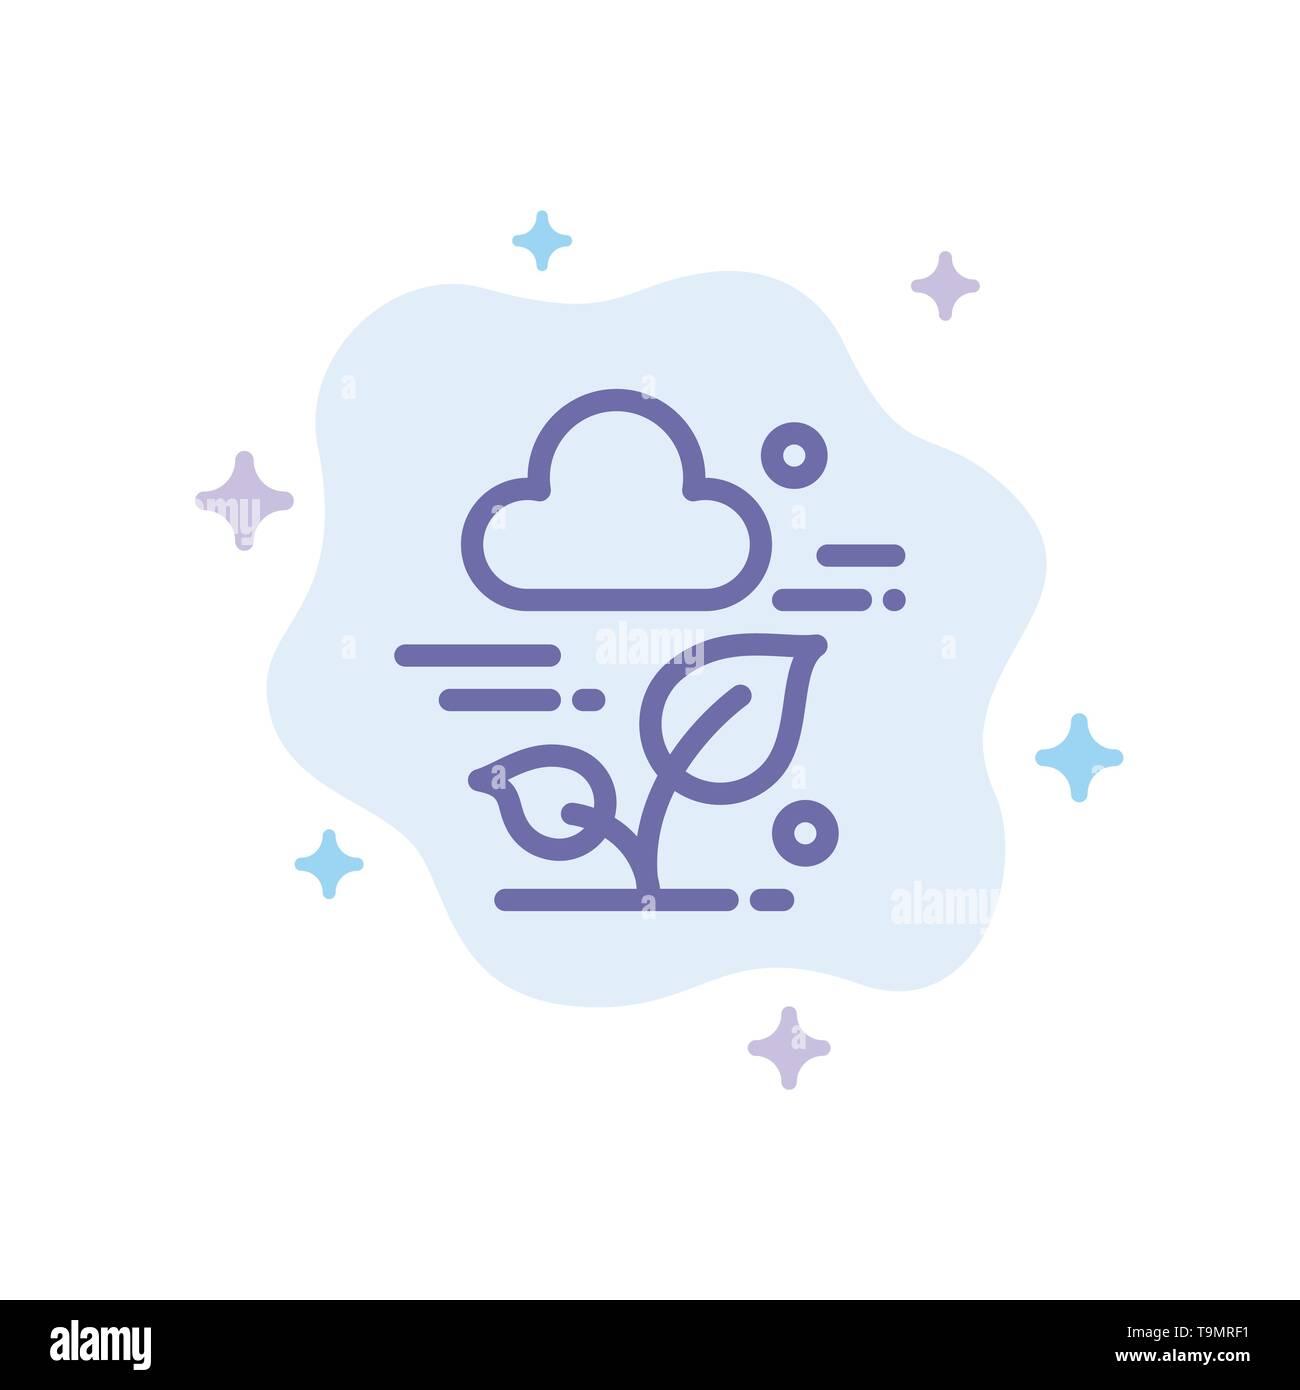 Pflanze, Cloud, Blatt, Technologie blaues Symbol auf Abstrakten Cloud Hintergrund Stockbild